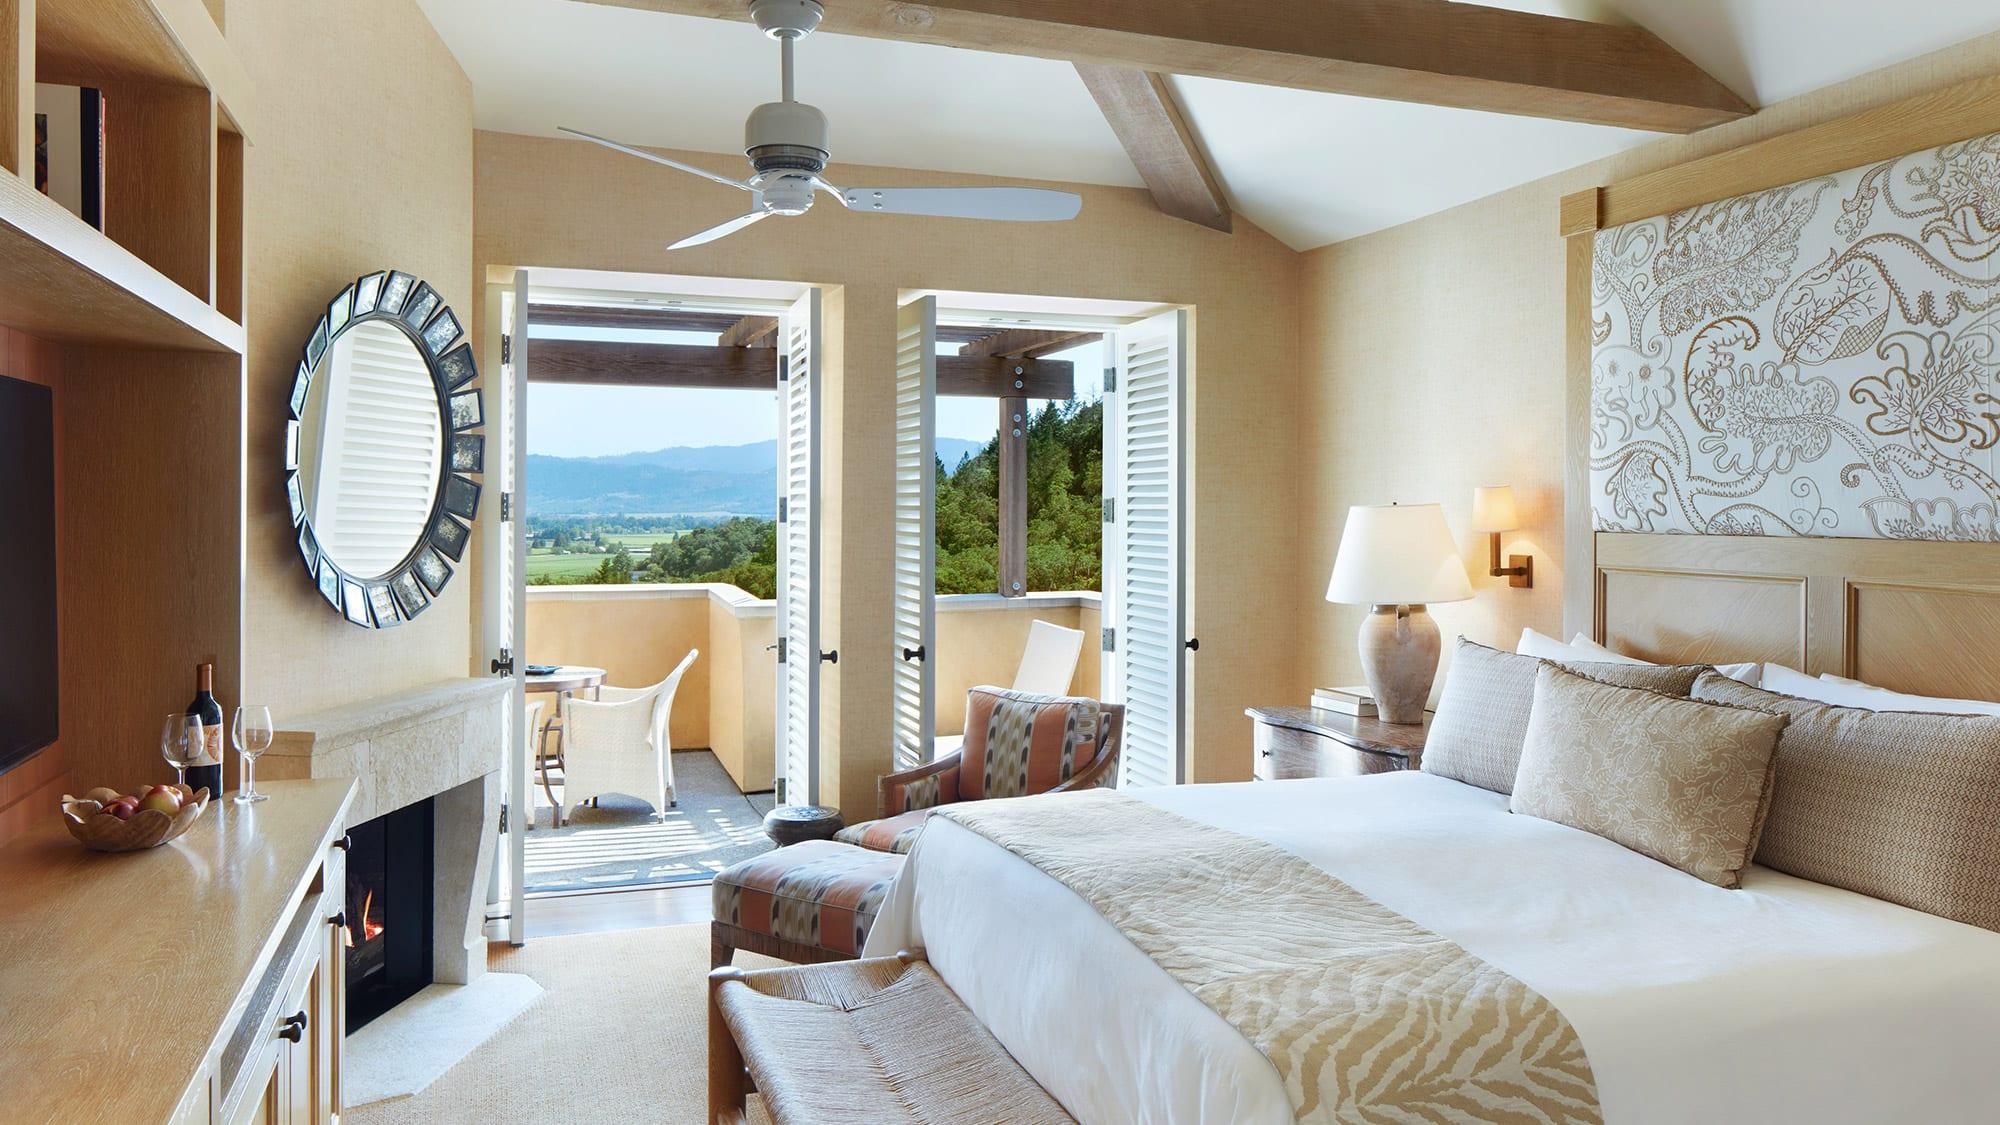 bedroom with open doors